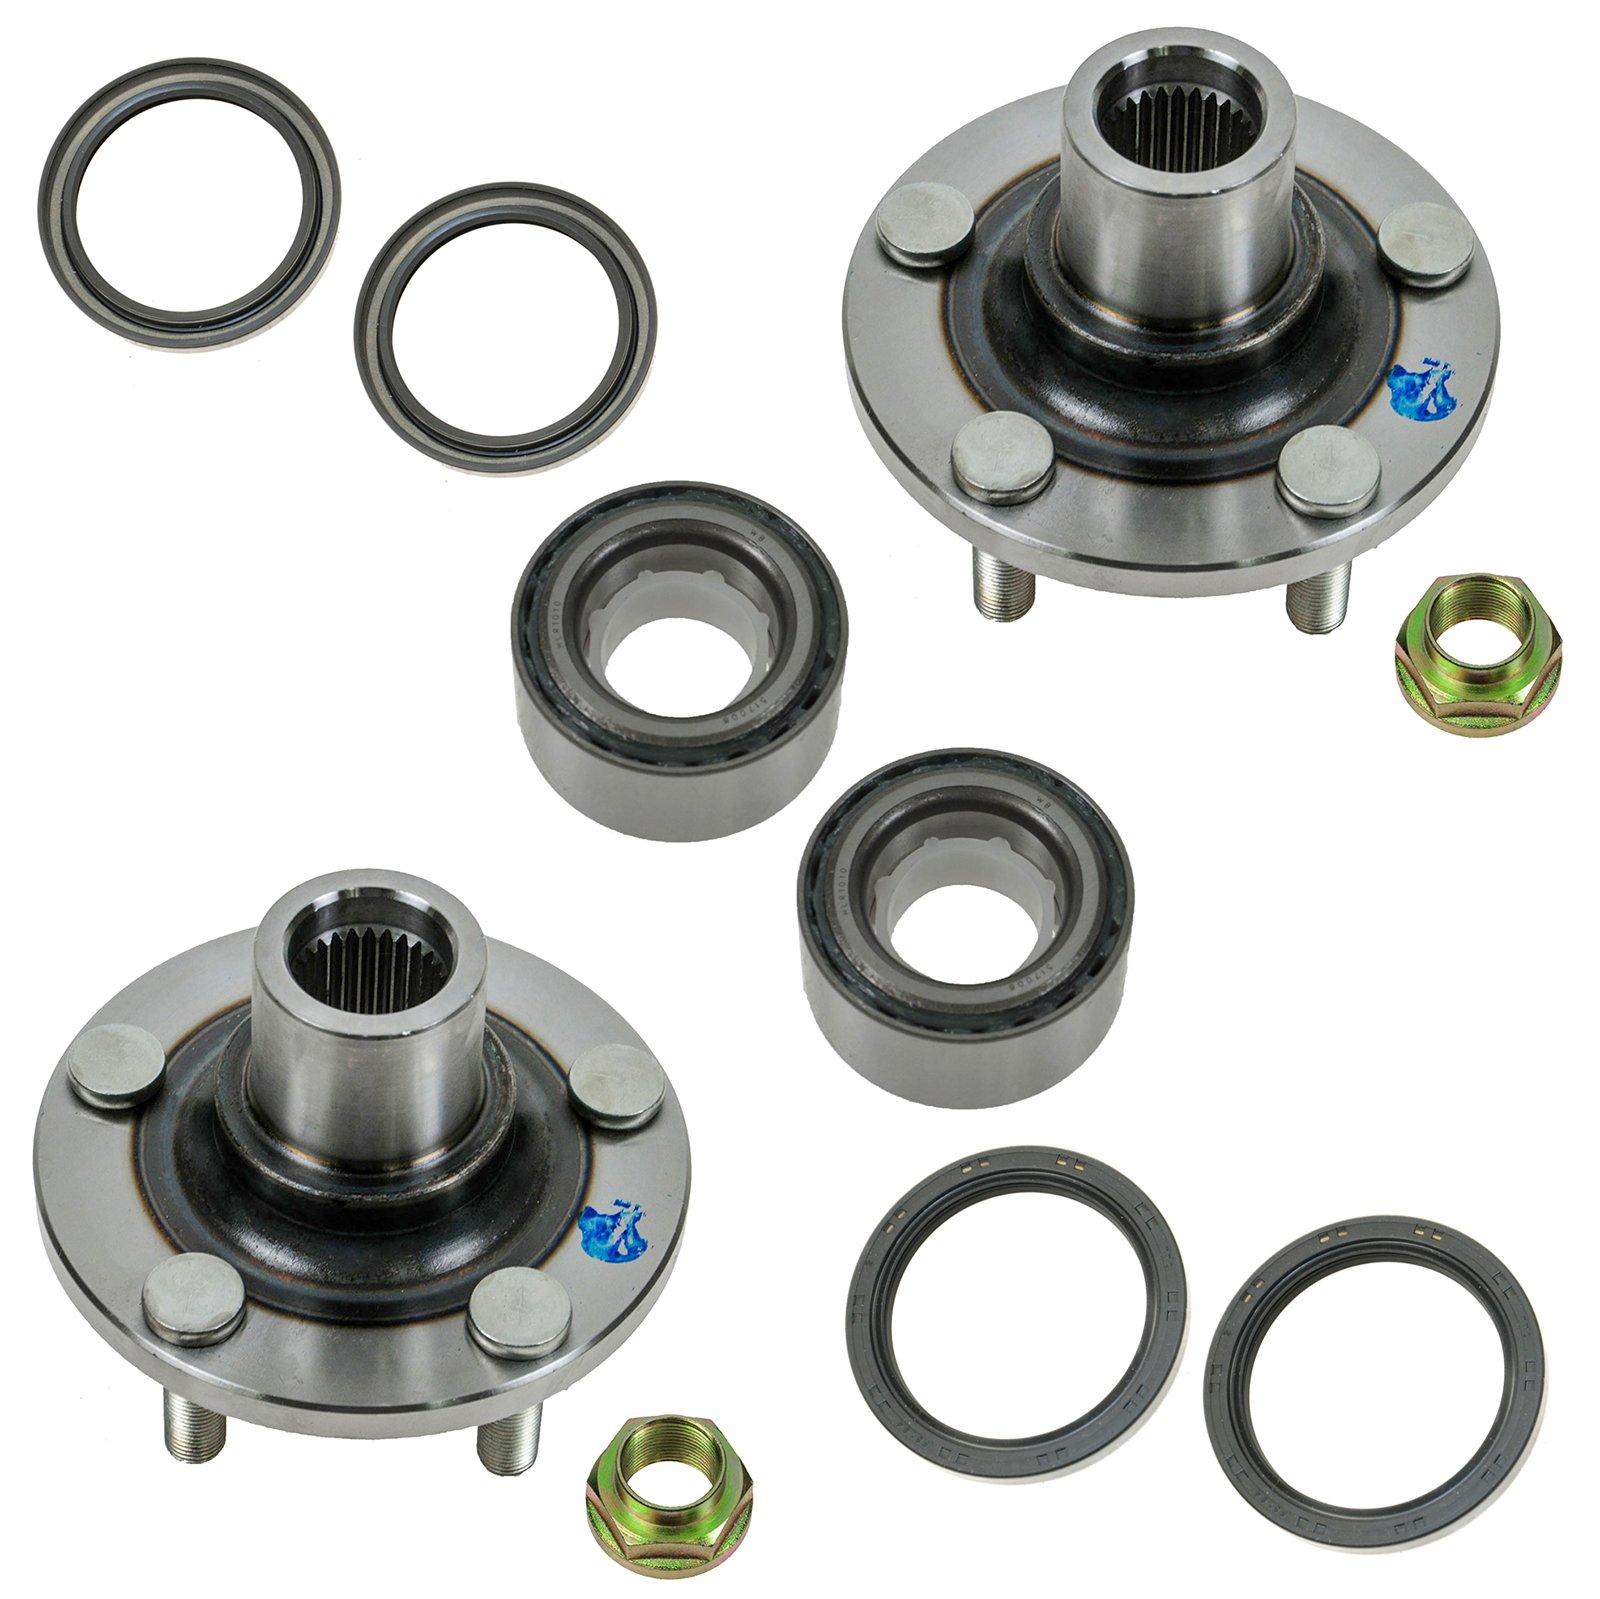 Wheel Bearing, Seal & Hub Front Driver & Passenger Side Kit 8 Piece for Subaru